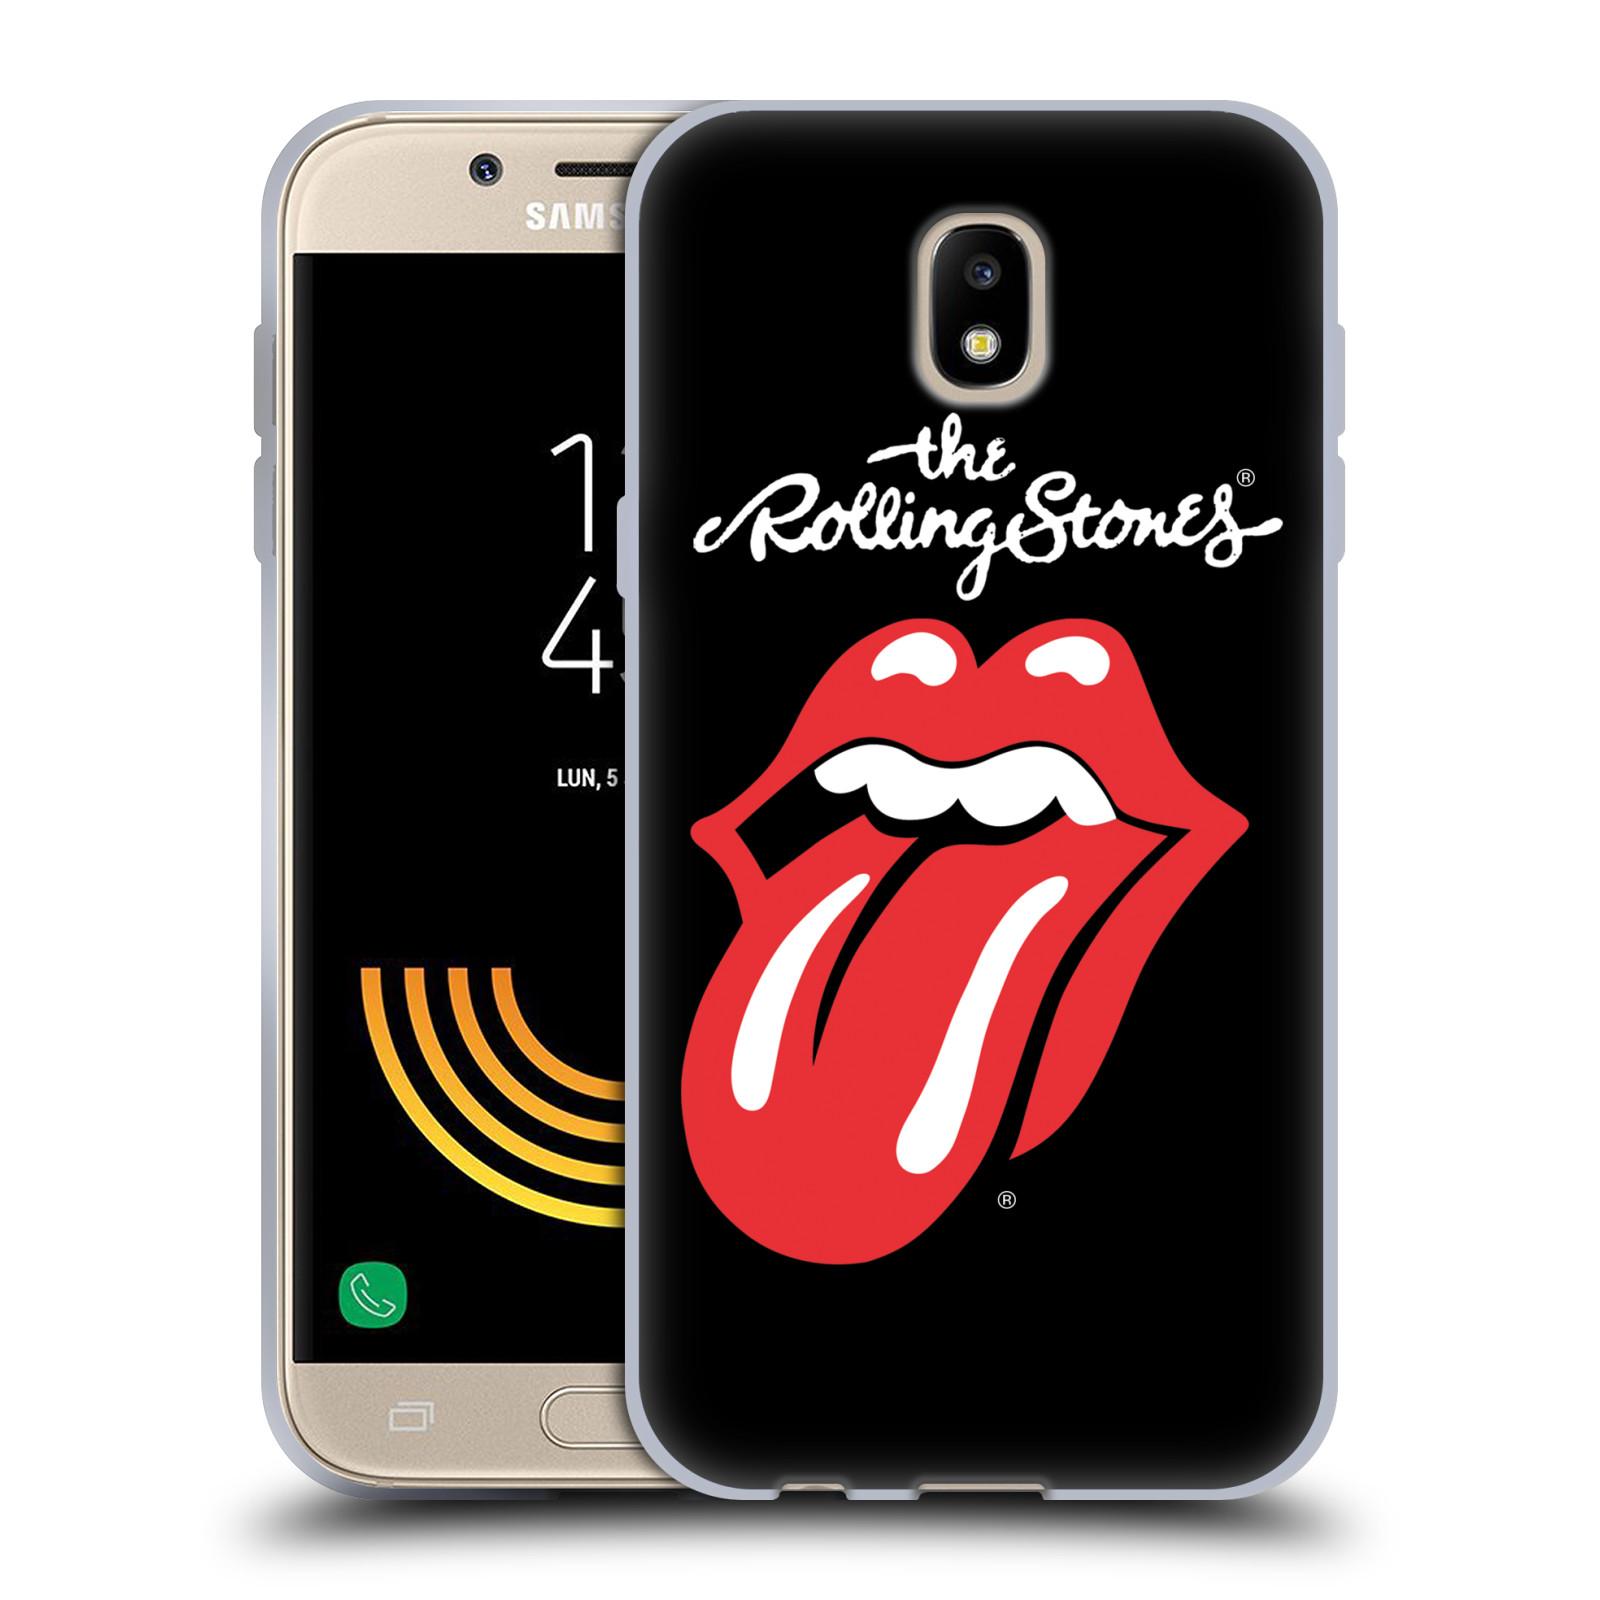 HEAD CASE silikonový obal na mobil Samsung Galaxy J5 2017 rocková skupina Rolling Stones znak černá a červená